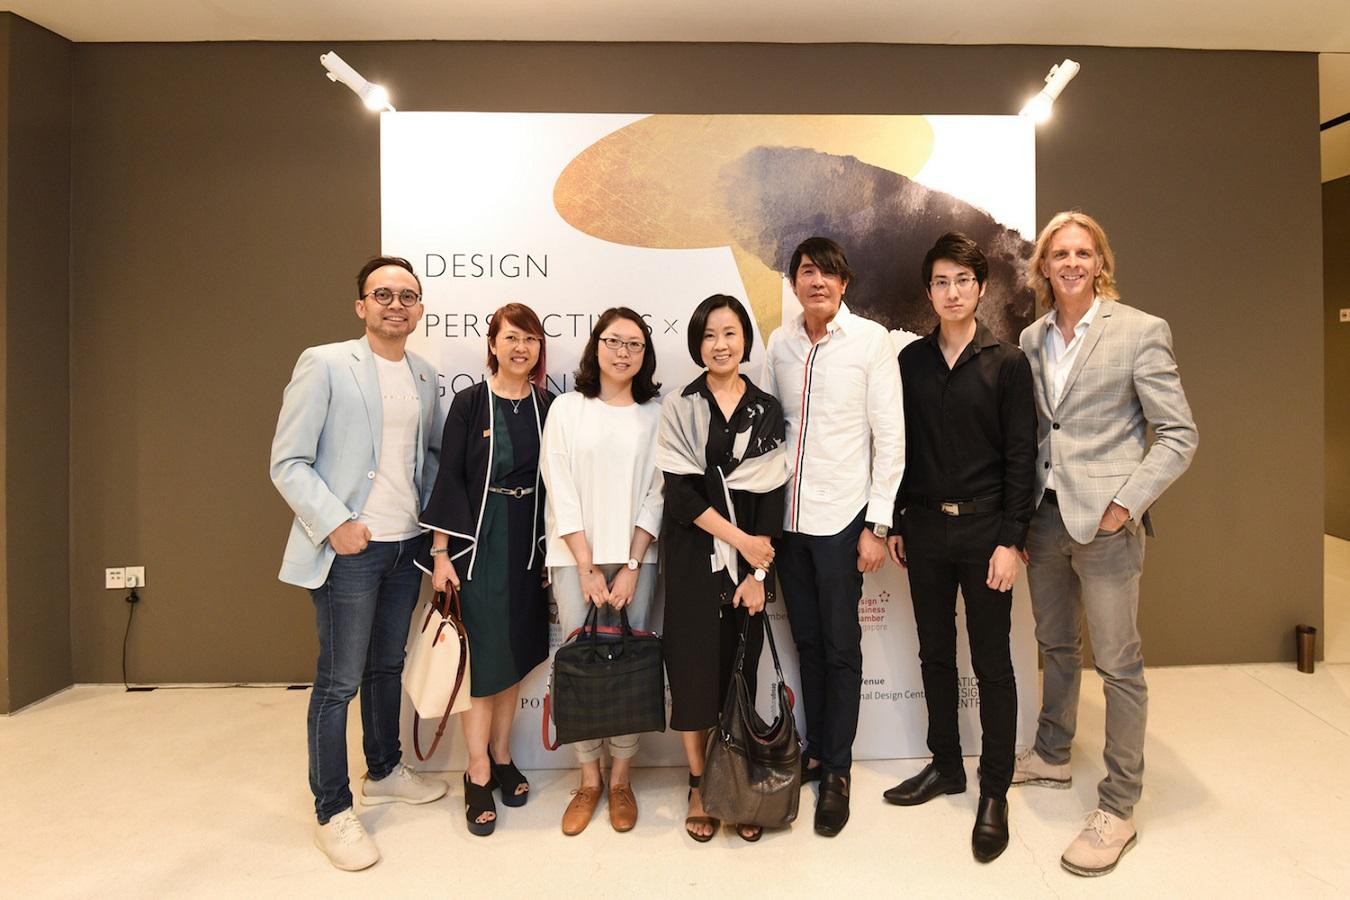 「華人設計觀點 x 金點沙龍」首度前進新加坡 5月31日座談會反應熱烈